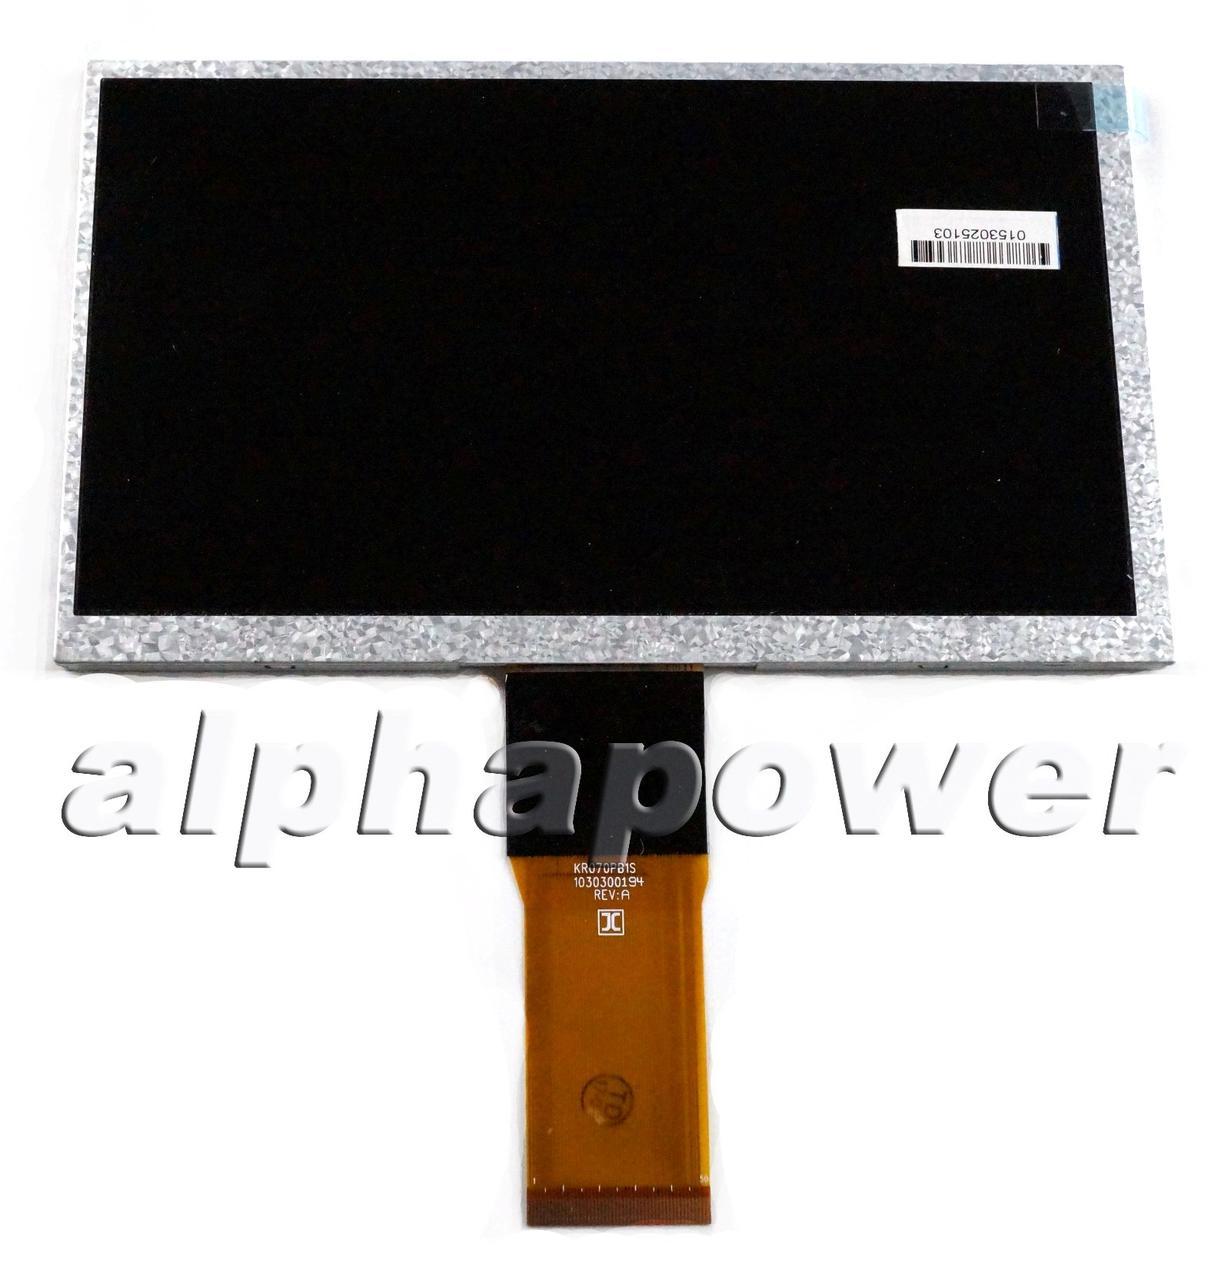 Дисплей (матрица) планшета Bravis NP747 SD тип 1 50 Pin